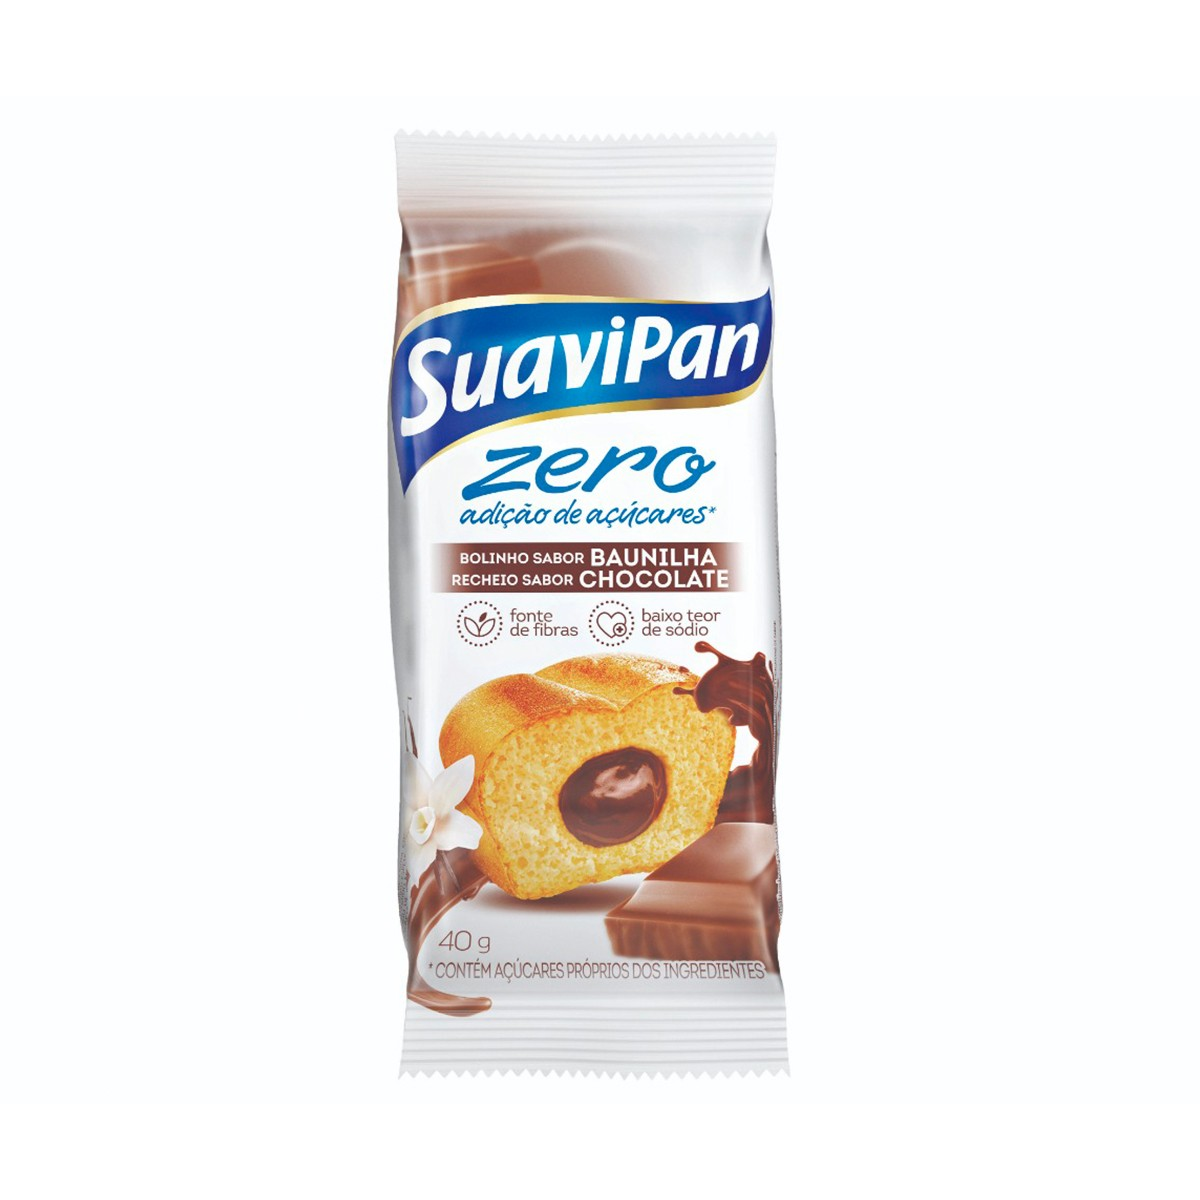 Bolinho de Baunilha Recheio de Chocolate Zero 40g - Suavipan